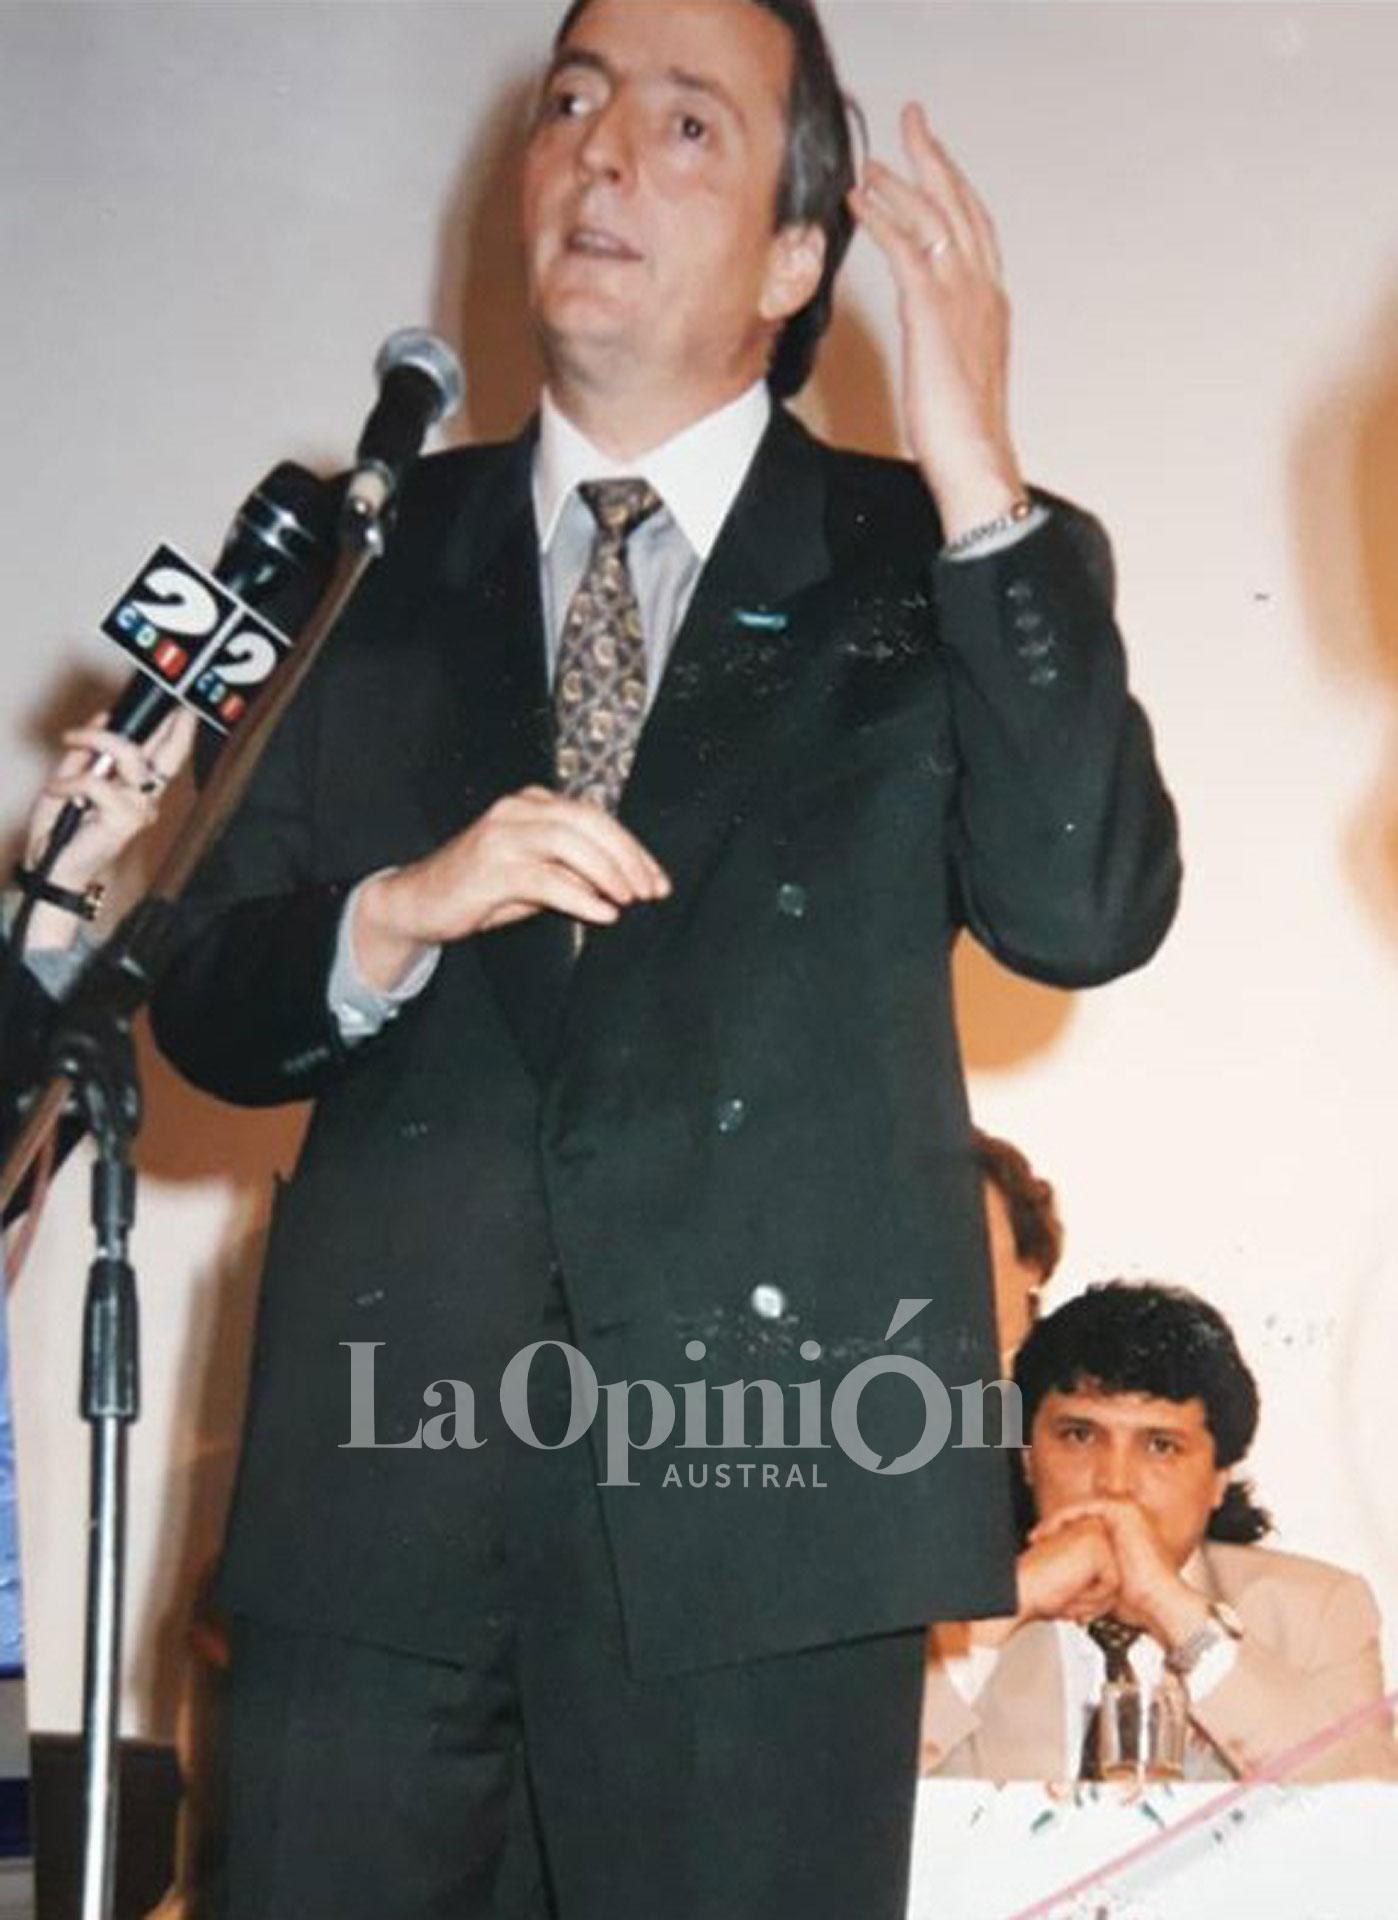 Año 2000. Néstor aún gobernador. Rudy acompaña detrás. Acto en el Centro Cultural del Carmen. FOTO: ARCHIVO LA OPINIÓN AUSTRAL.